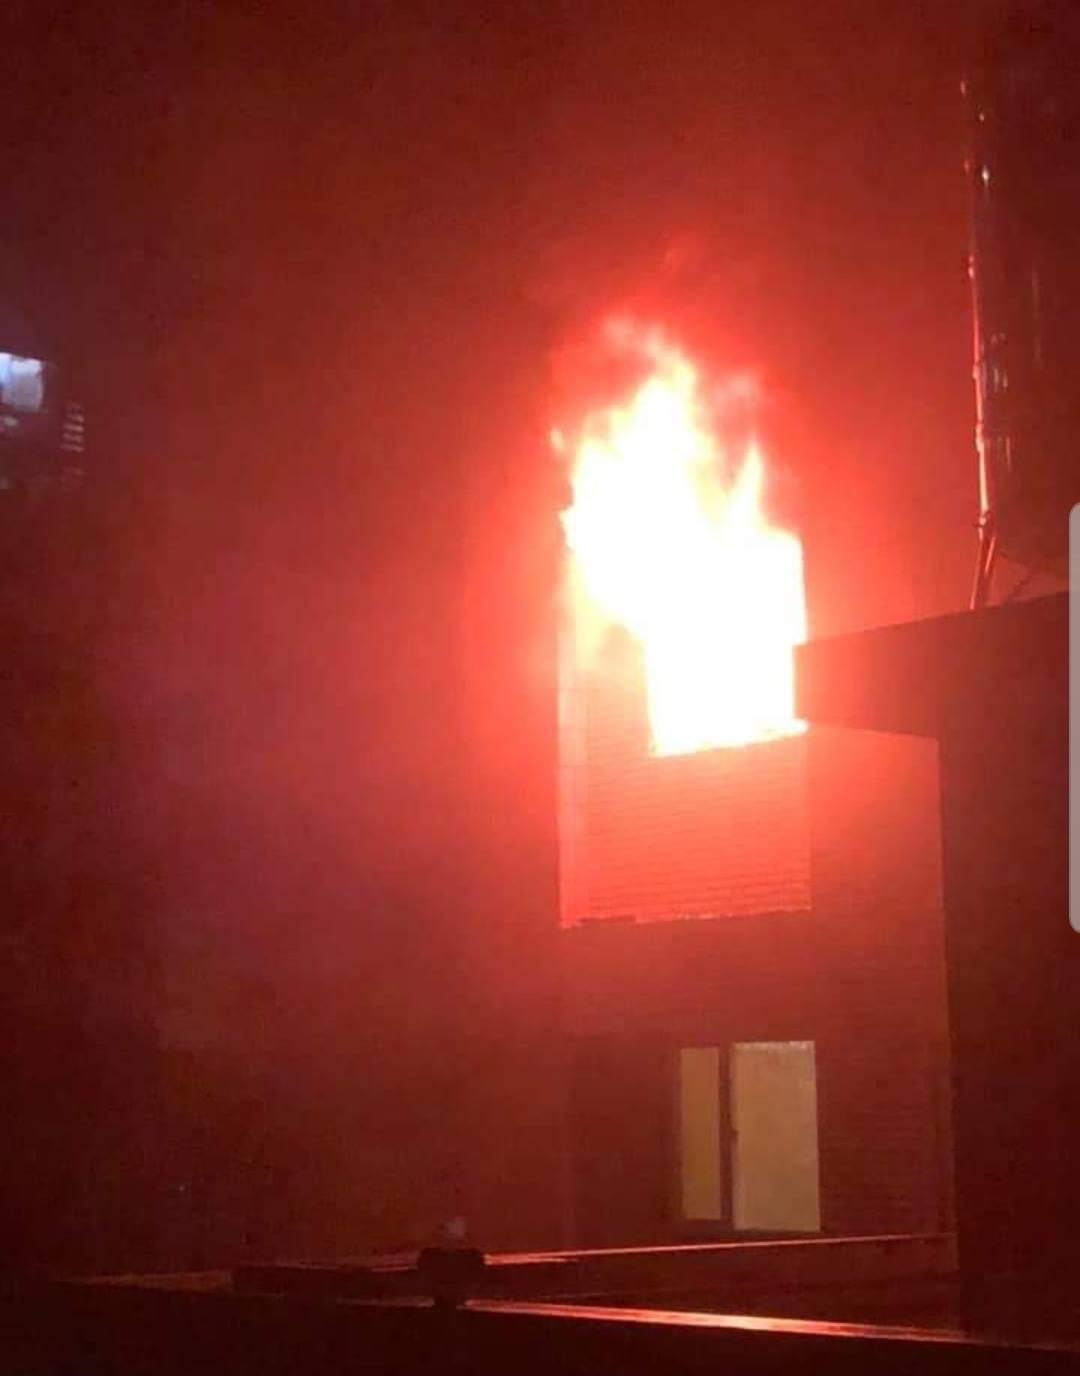 桃園蘆竹大樓凌晨火警 5樓向上延燒4層